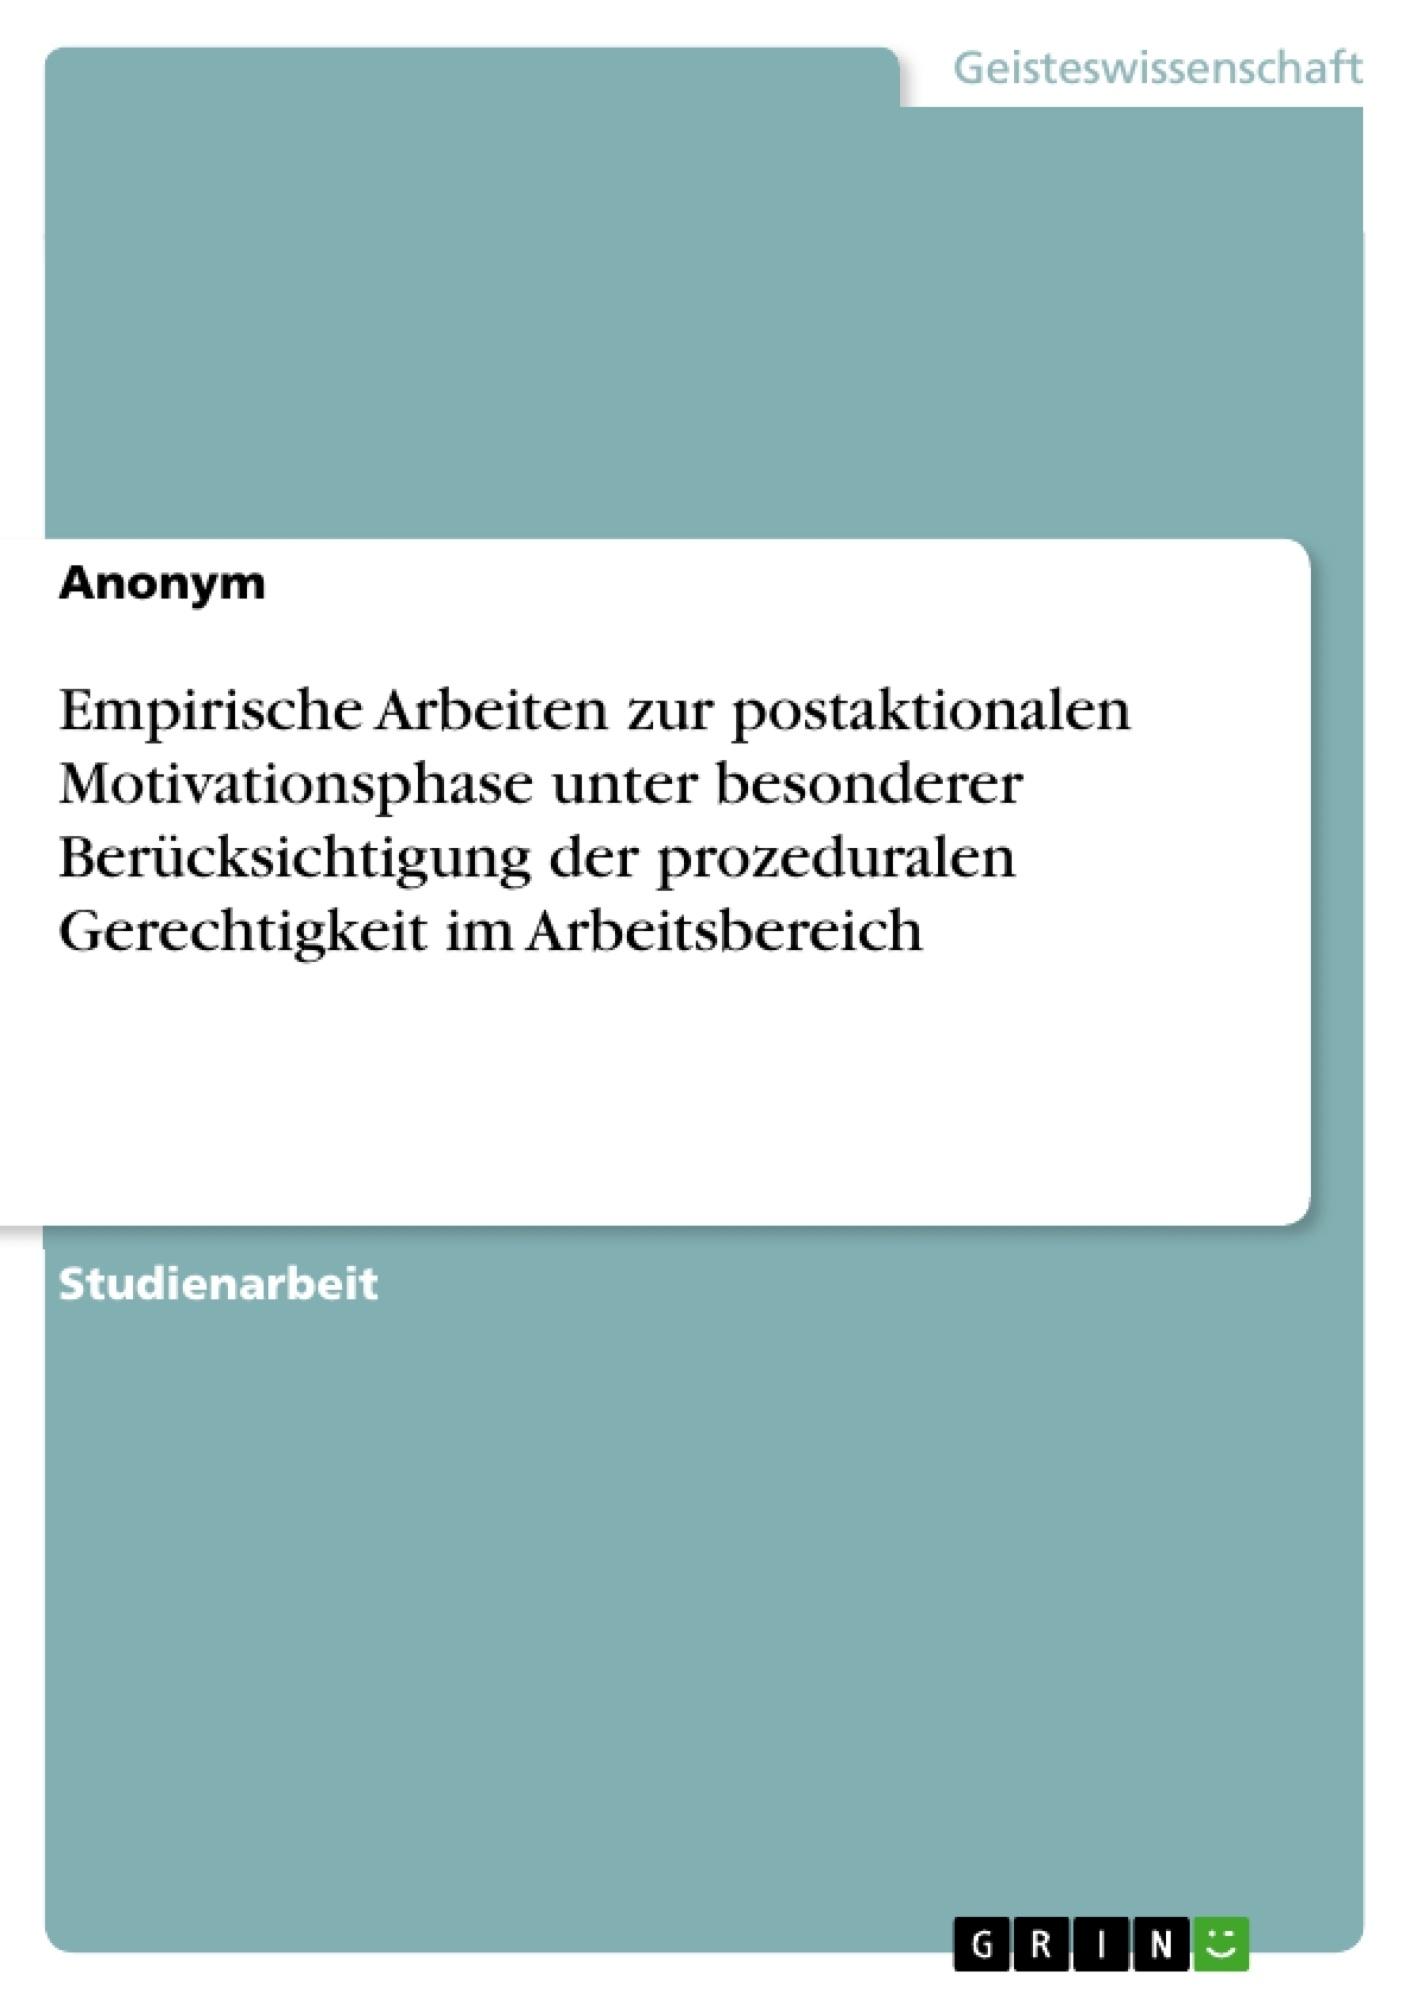 Titel: Empirische Arbeiten zur postaktionalen Motivationsphase unter besonderer Berücksichtigung der prozeduralen Gerechtigkeit im Arbeitsbereich